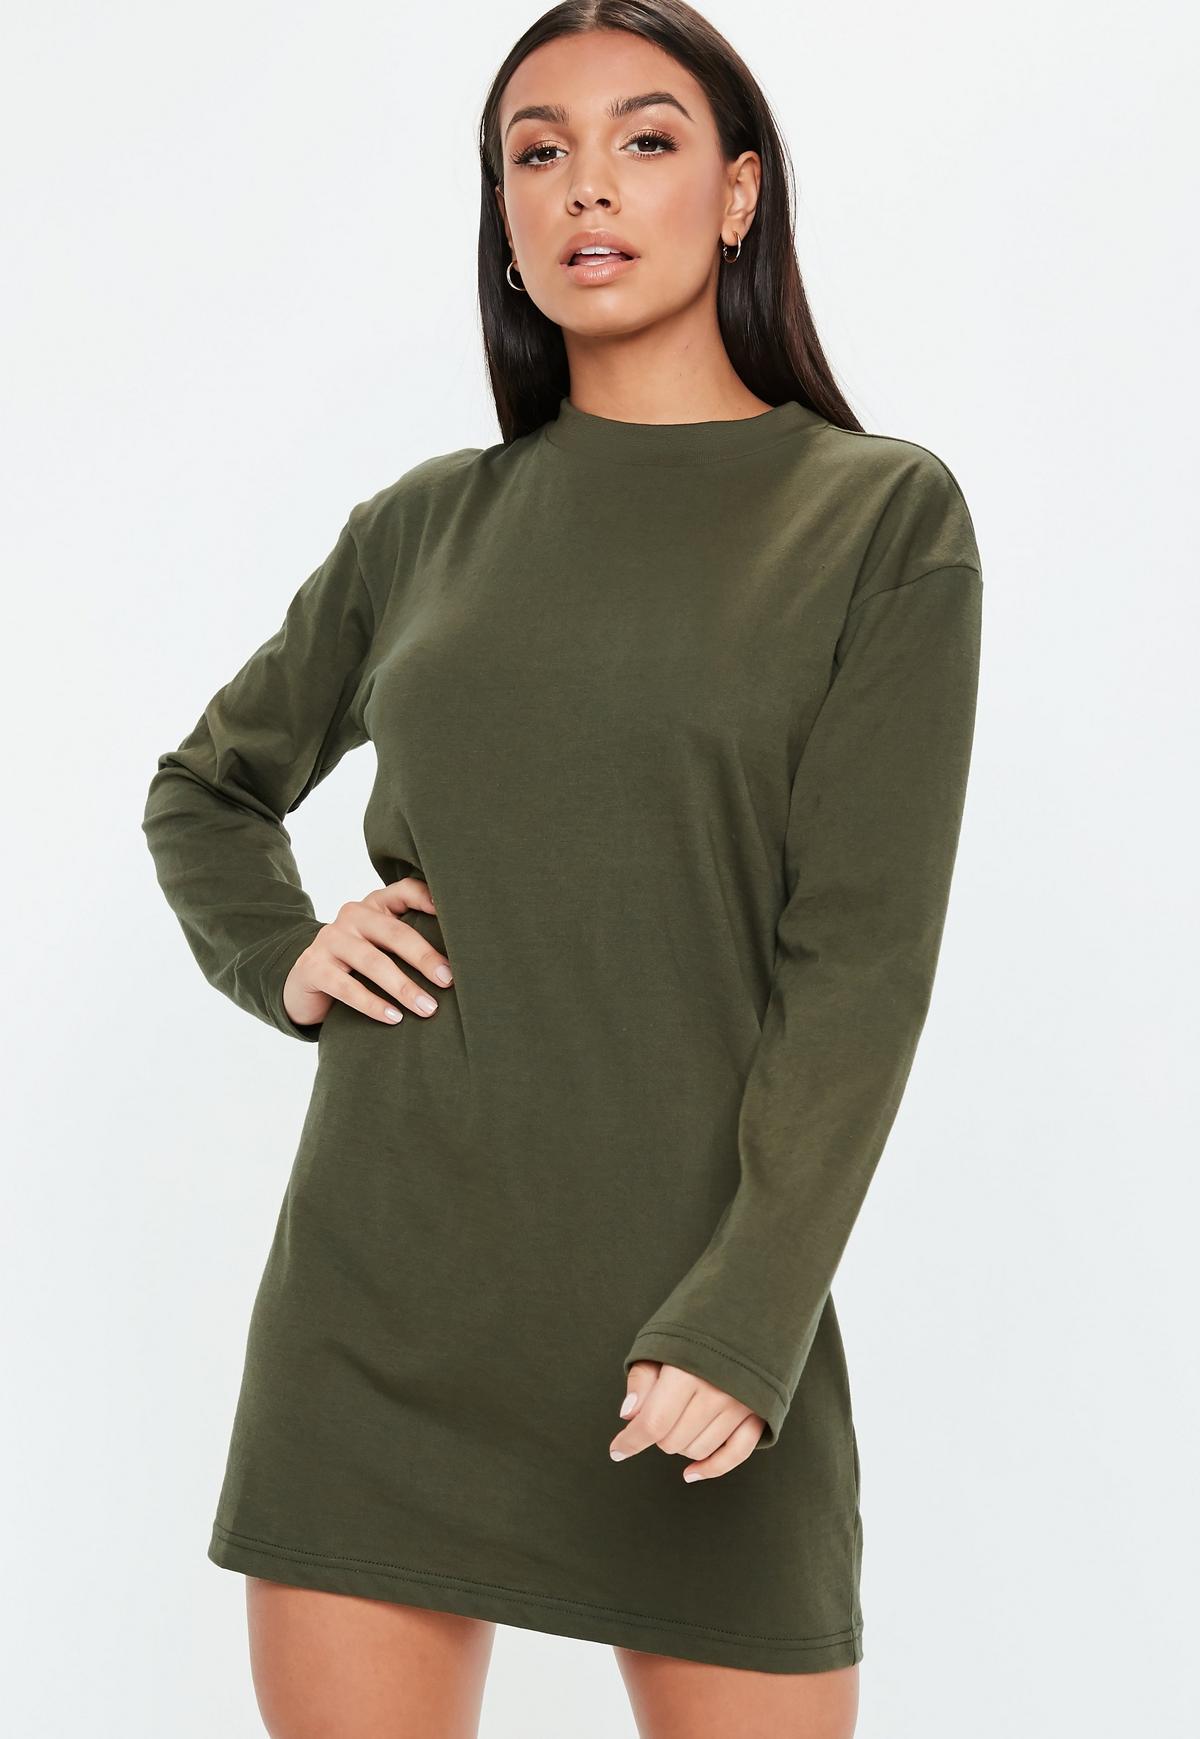 Khaki Basic Long Sleeve T Shirt Dress